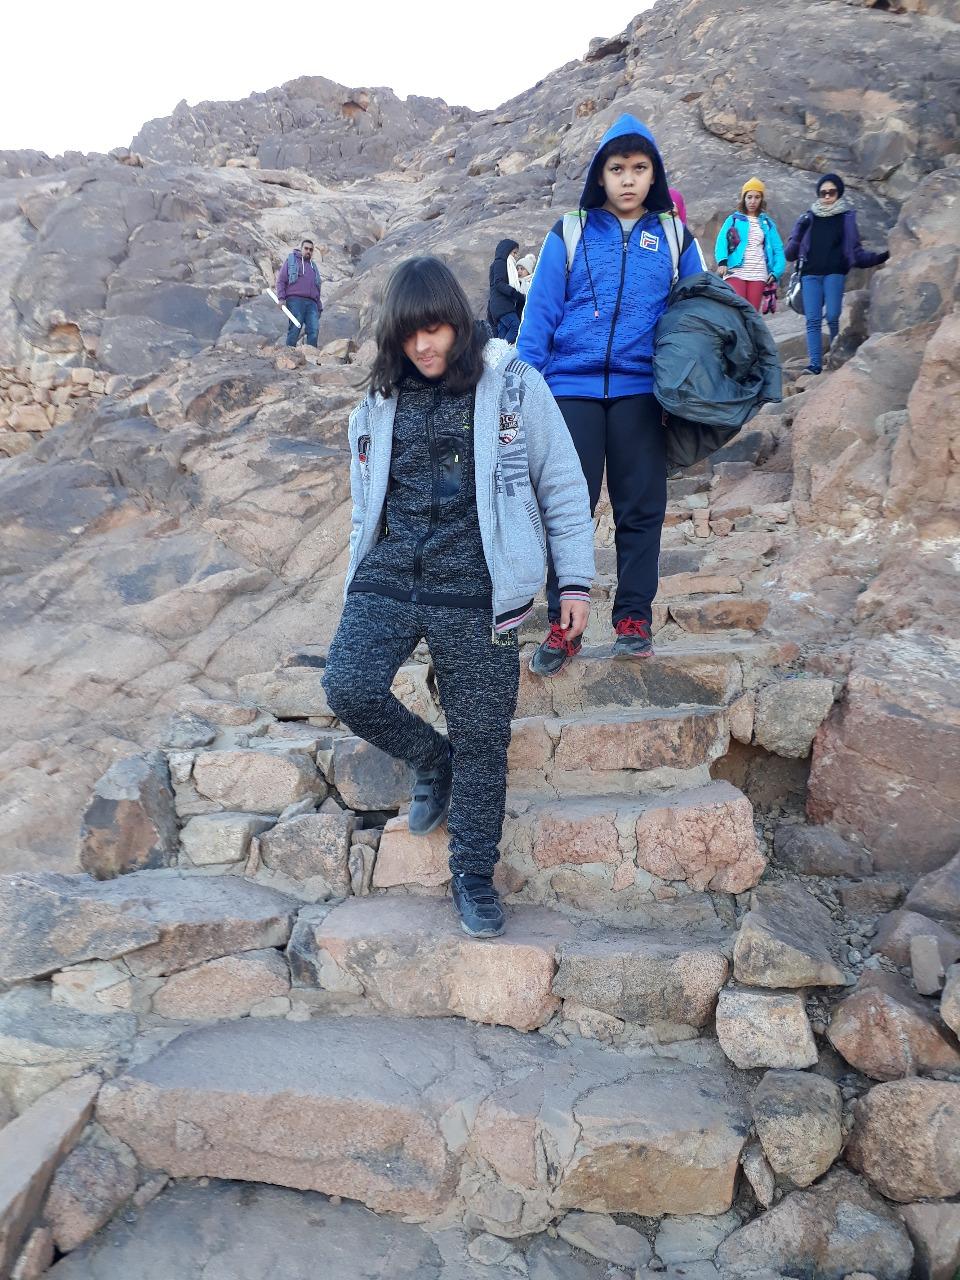 نجاح أول طفل معاق فى تسلق جبل موسى للترويج للسياحة البيئية  (4)